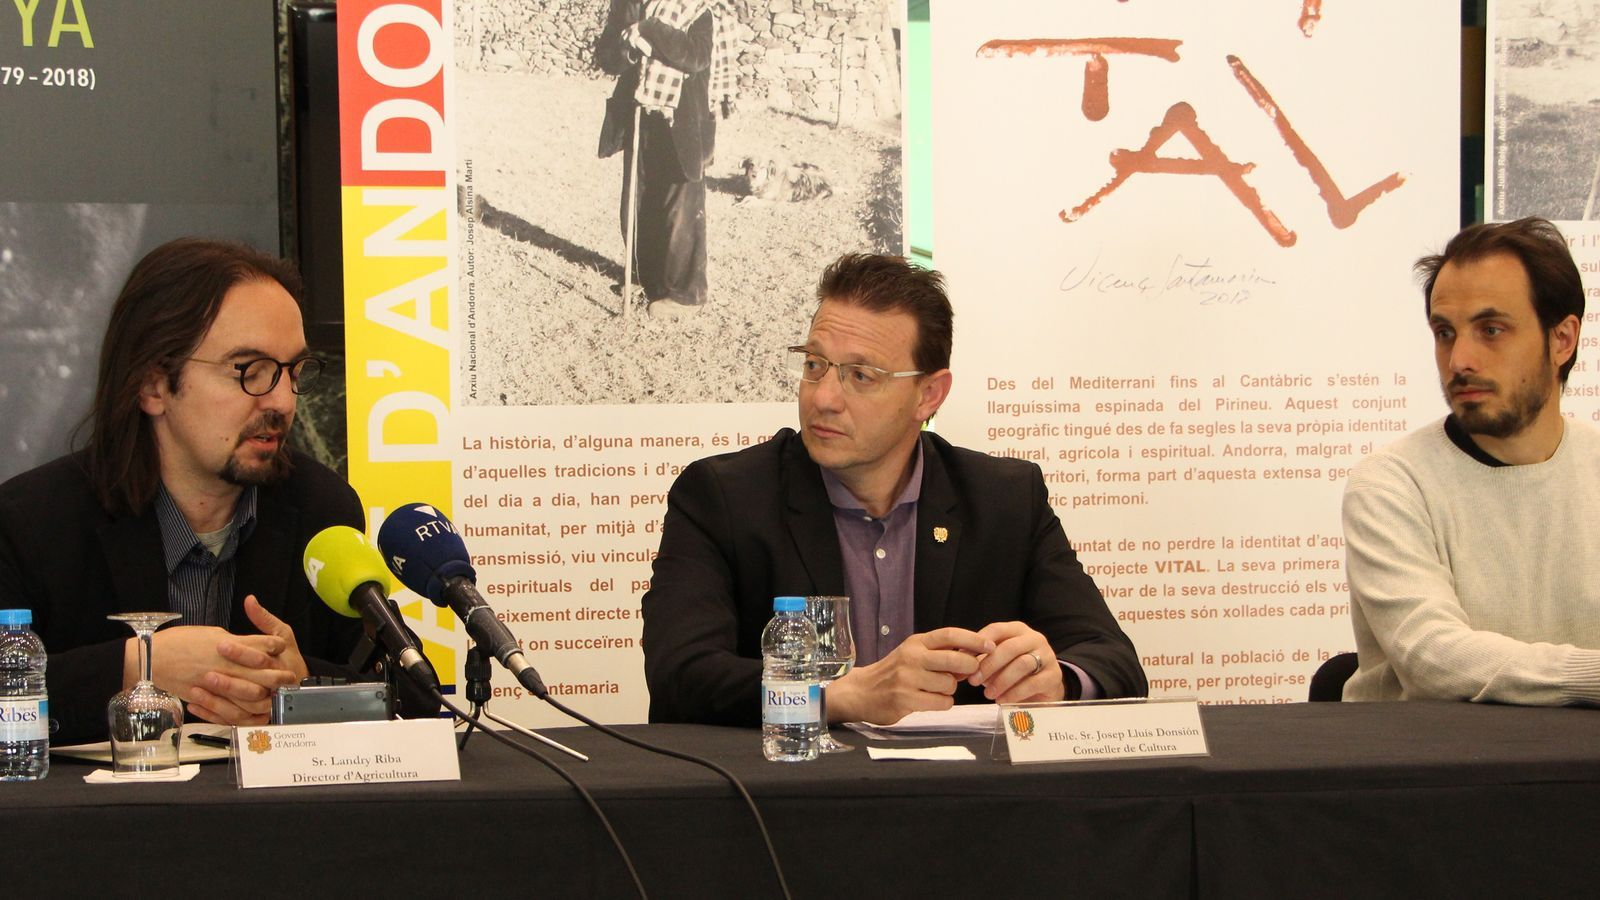 Landry Riba, director d'Agricultura del Govern; Josep Lluís Donsión, conseller de Cultura, i Albert Gomà, impulsor i organitzador del projecte 'Vital'. / M. R. F. (ANA)